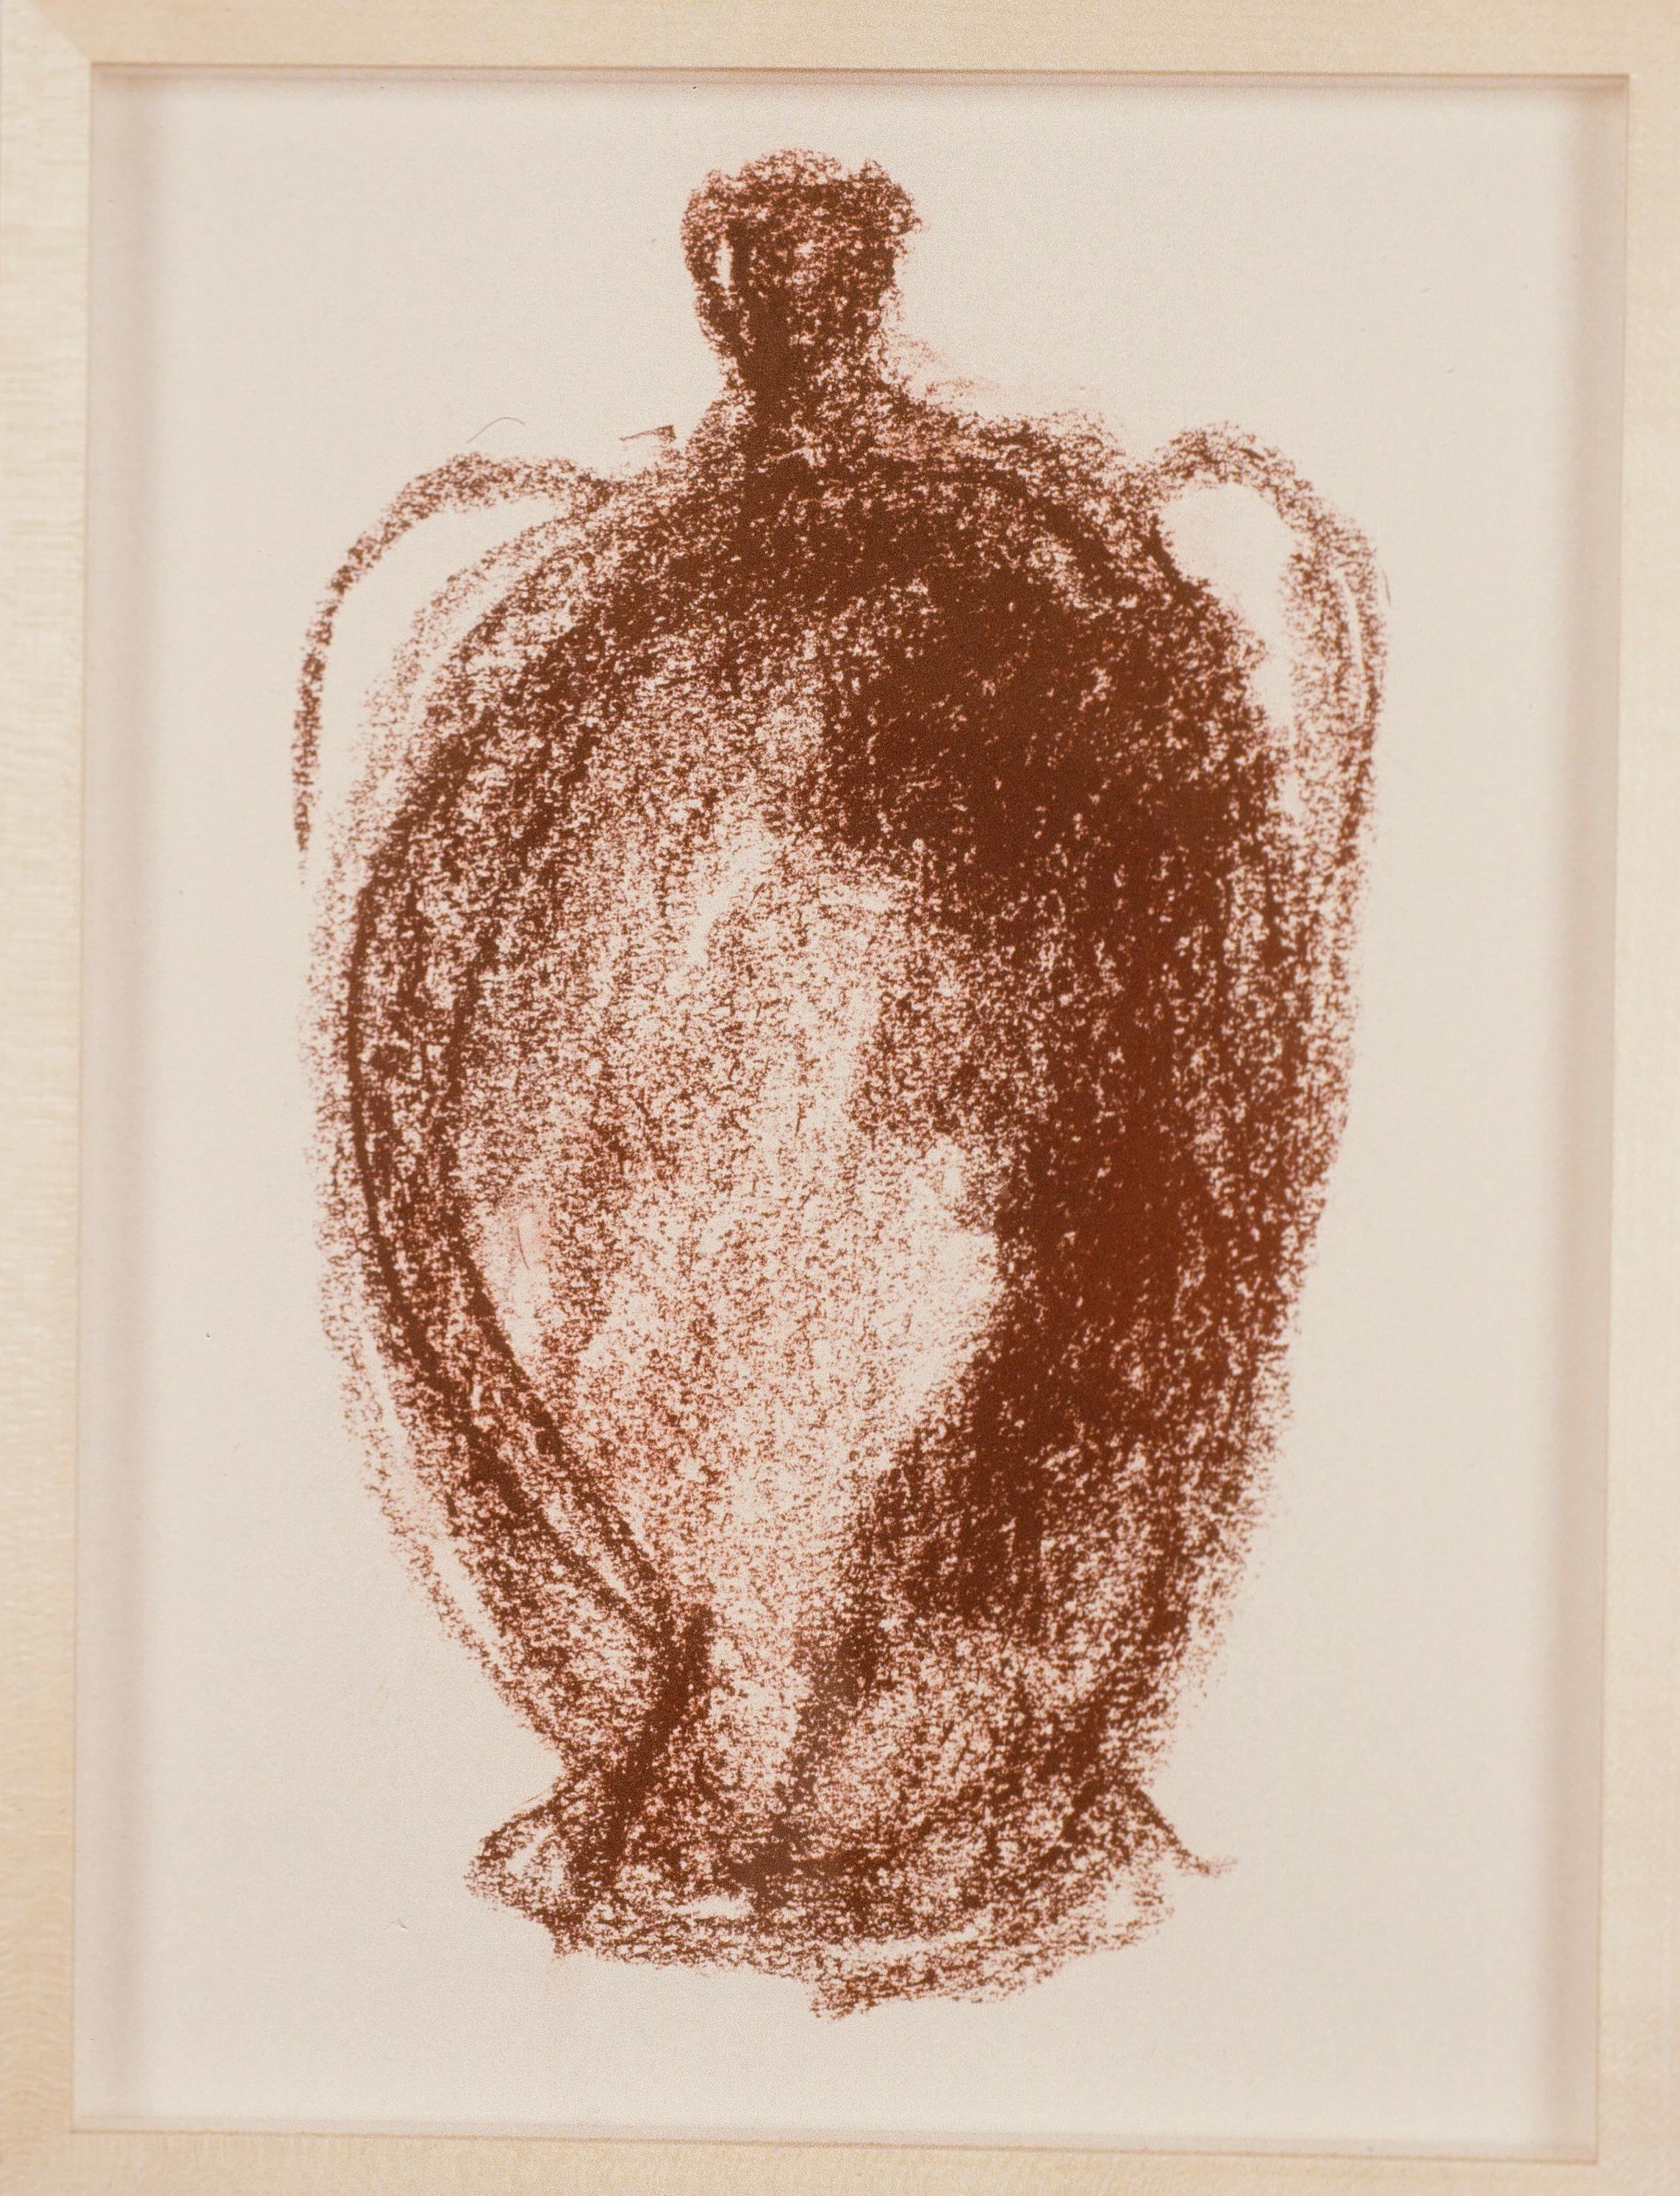 1991 - Vase in Conte Crayon